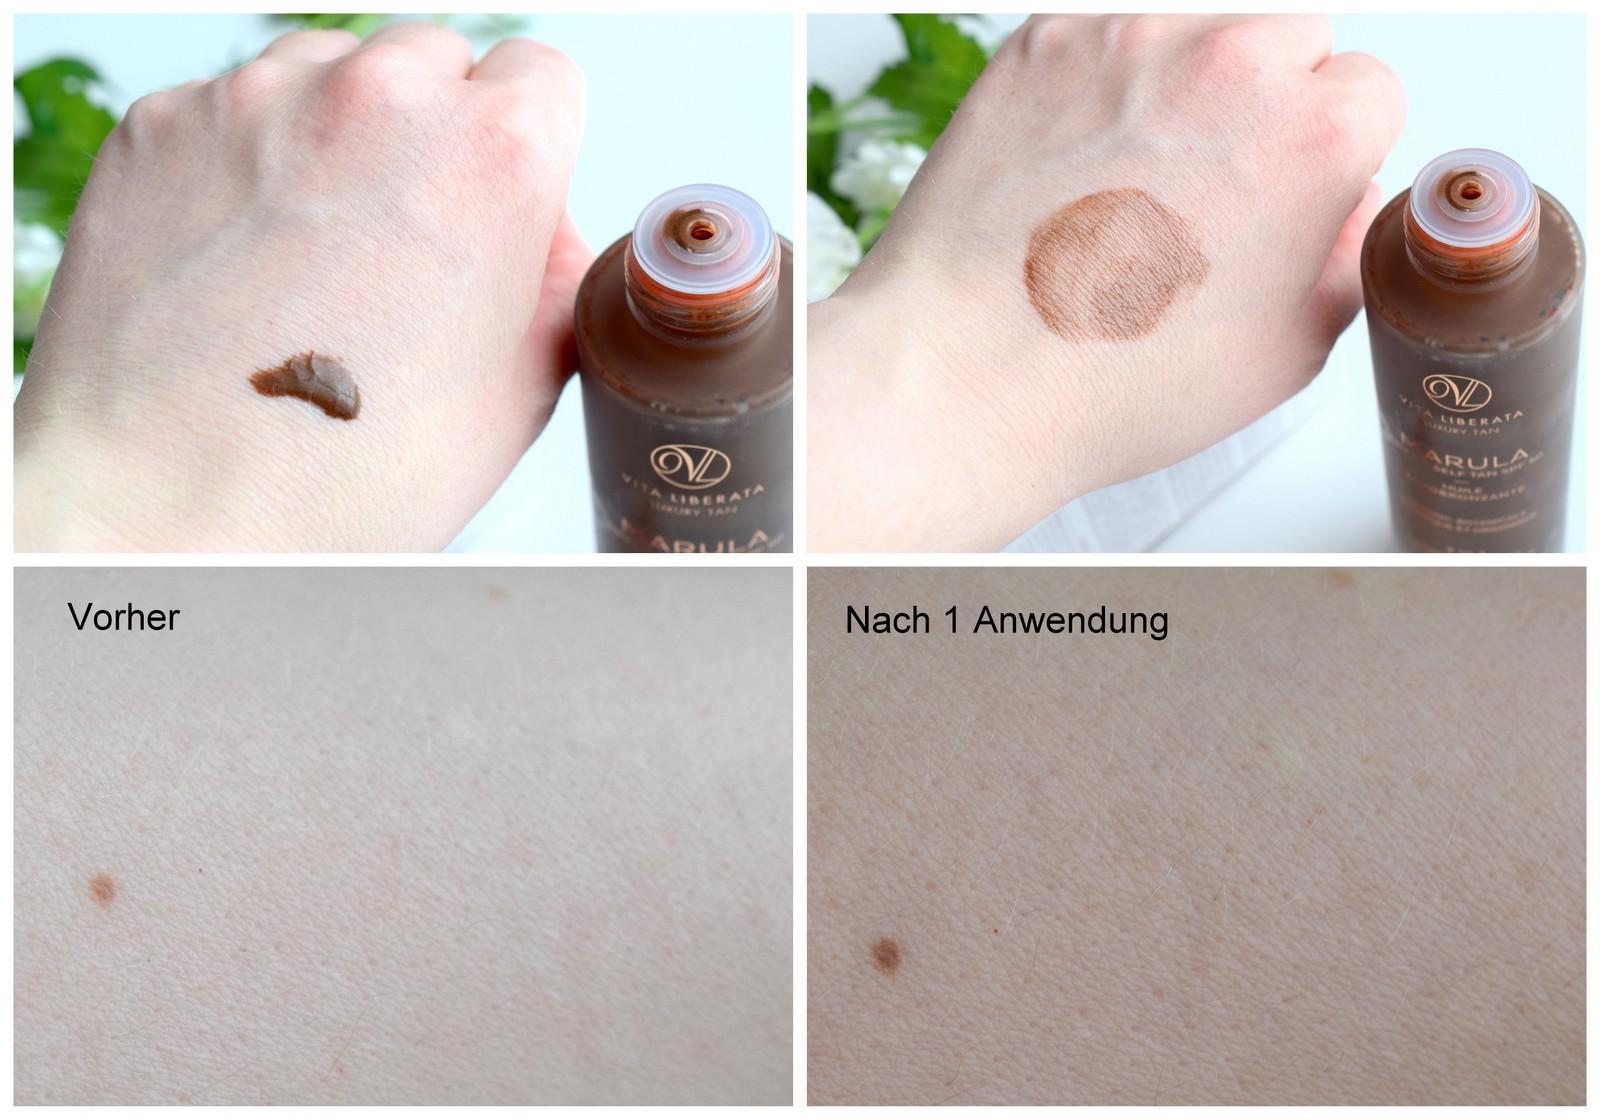 Vita Liberata Marula Self Tan Dry Oil SPF50 Review mit Vorher-Nachher-Bildern von der Anwendung des Selbstbräuners mit Lichtschutzfaktor.